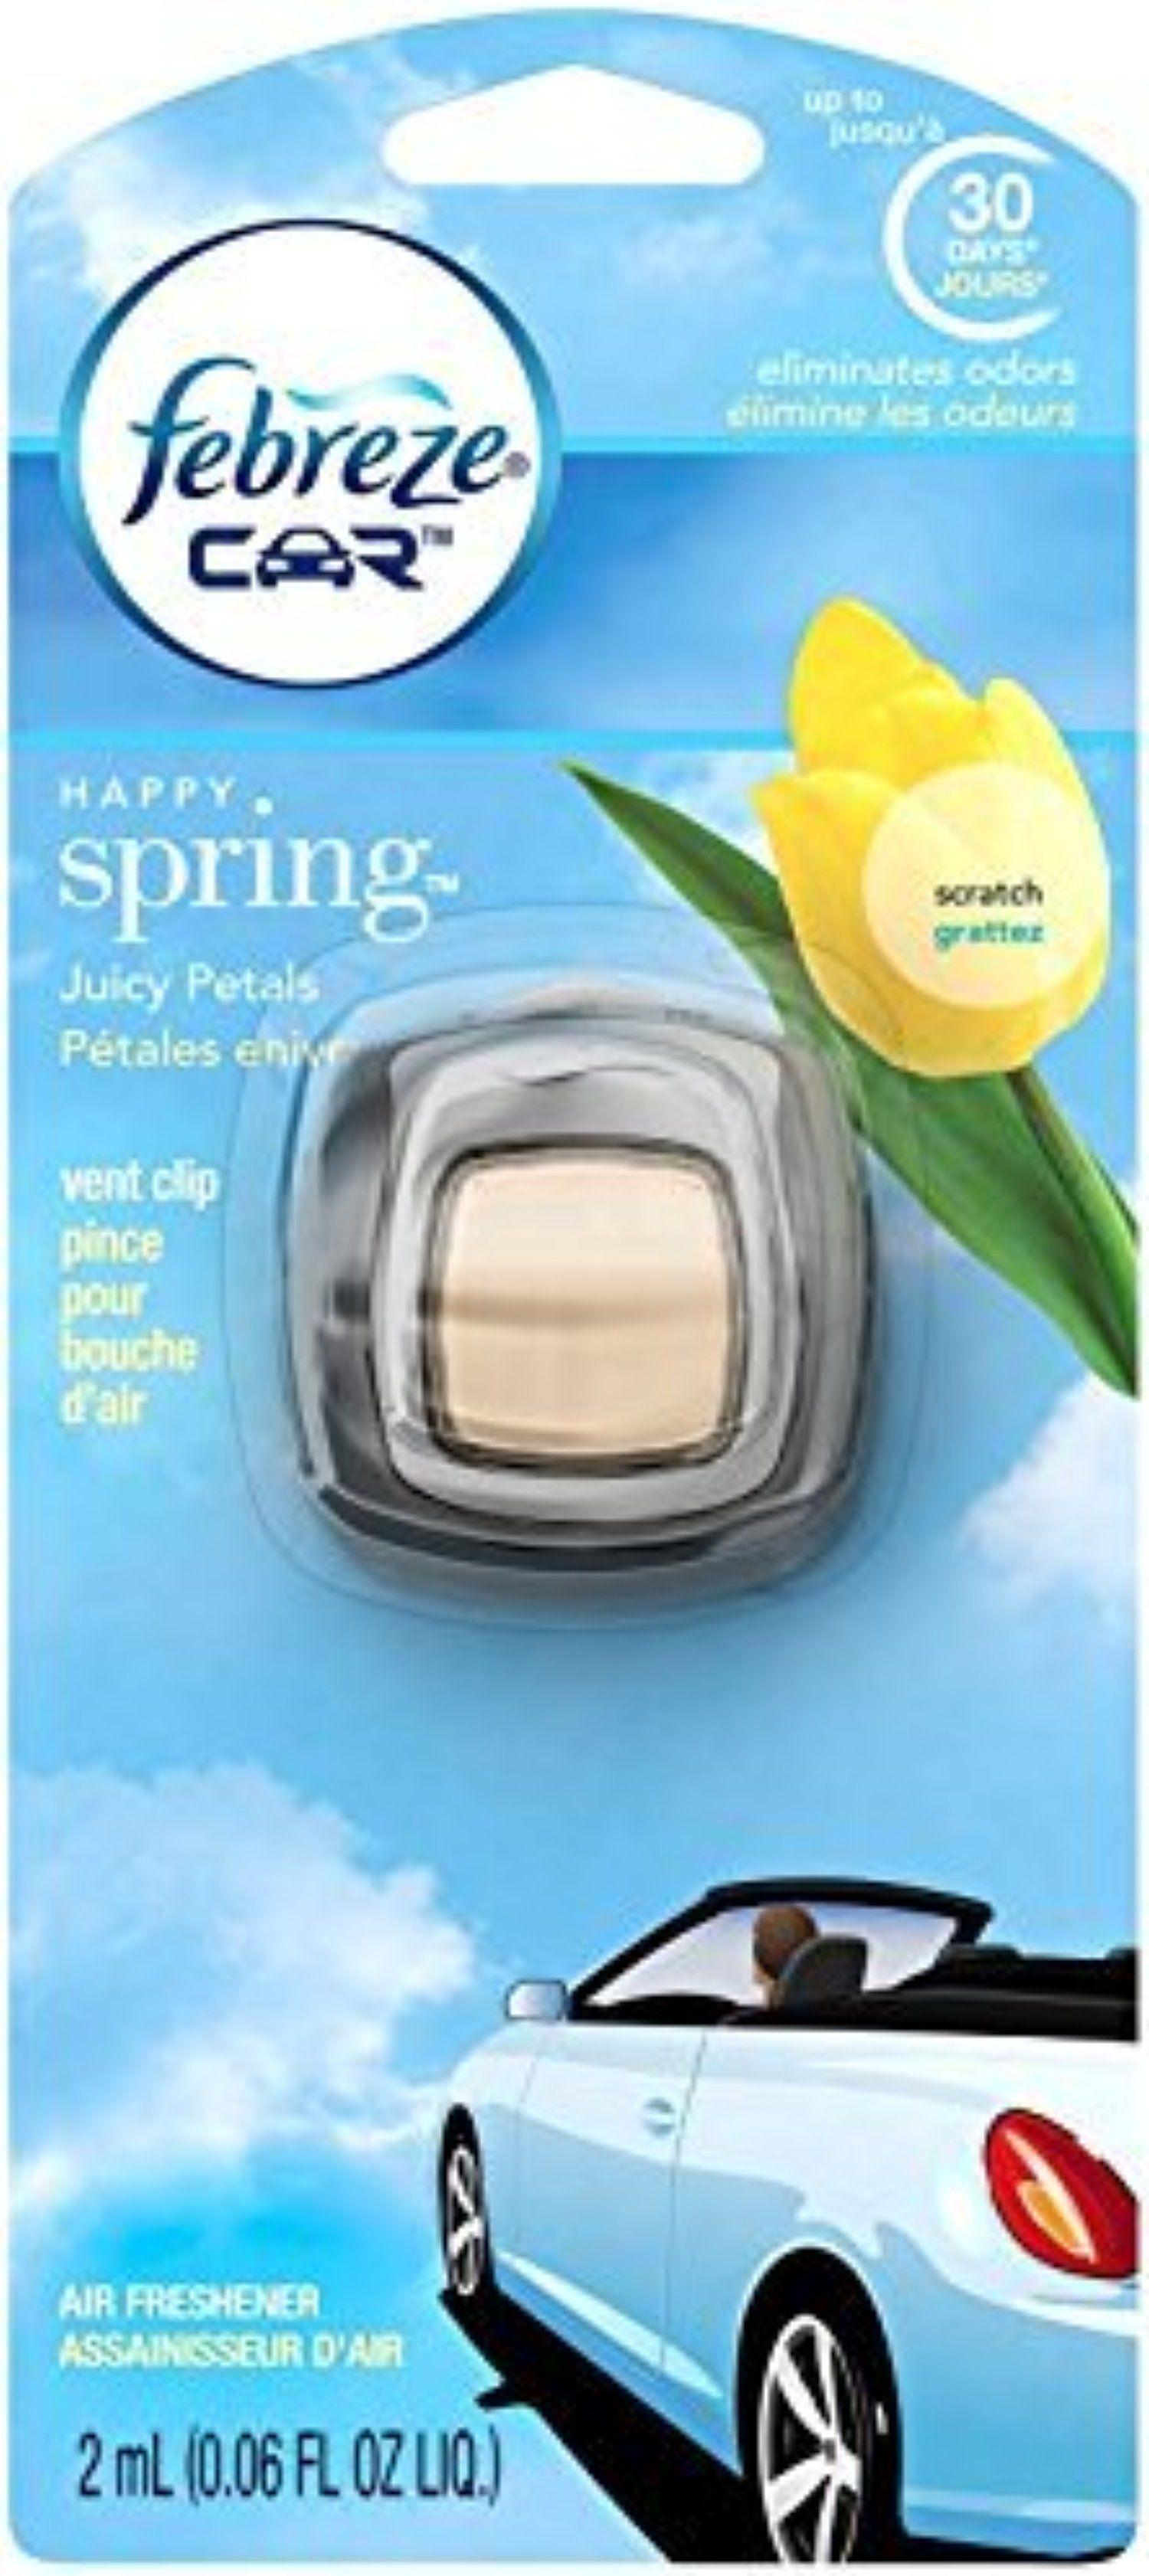 Febreze Car Vent Clip Happy Spring Air Freshener (1 Count